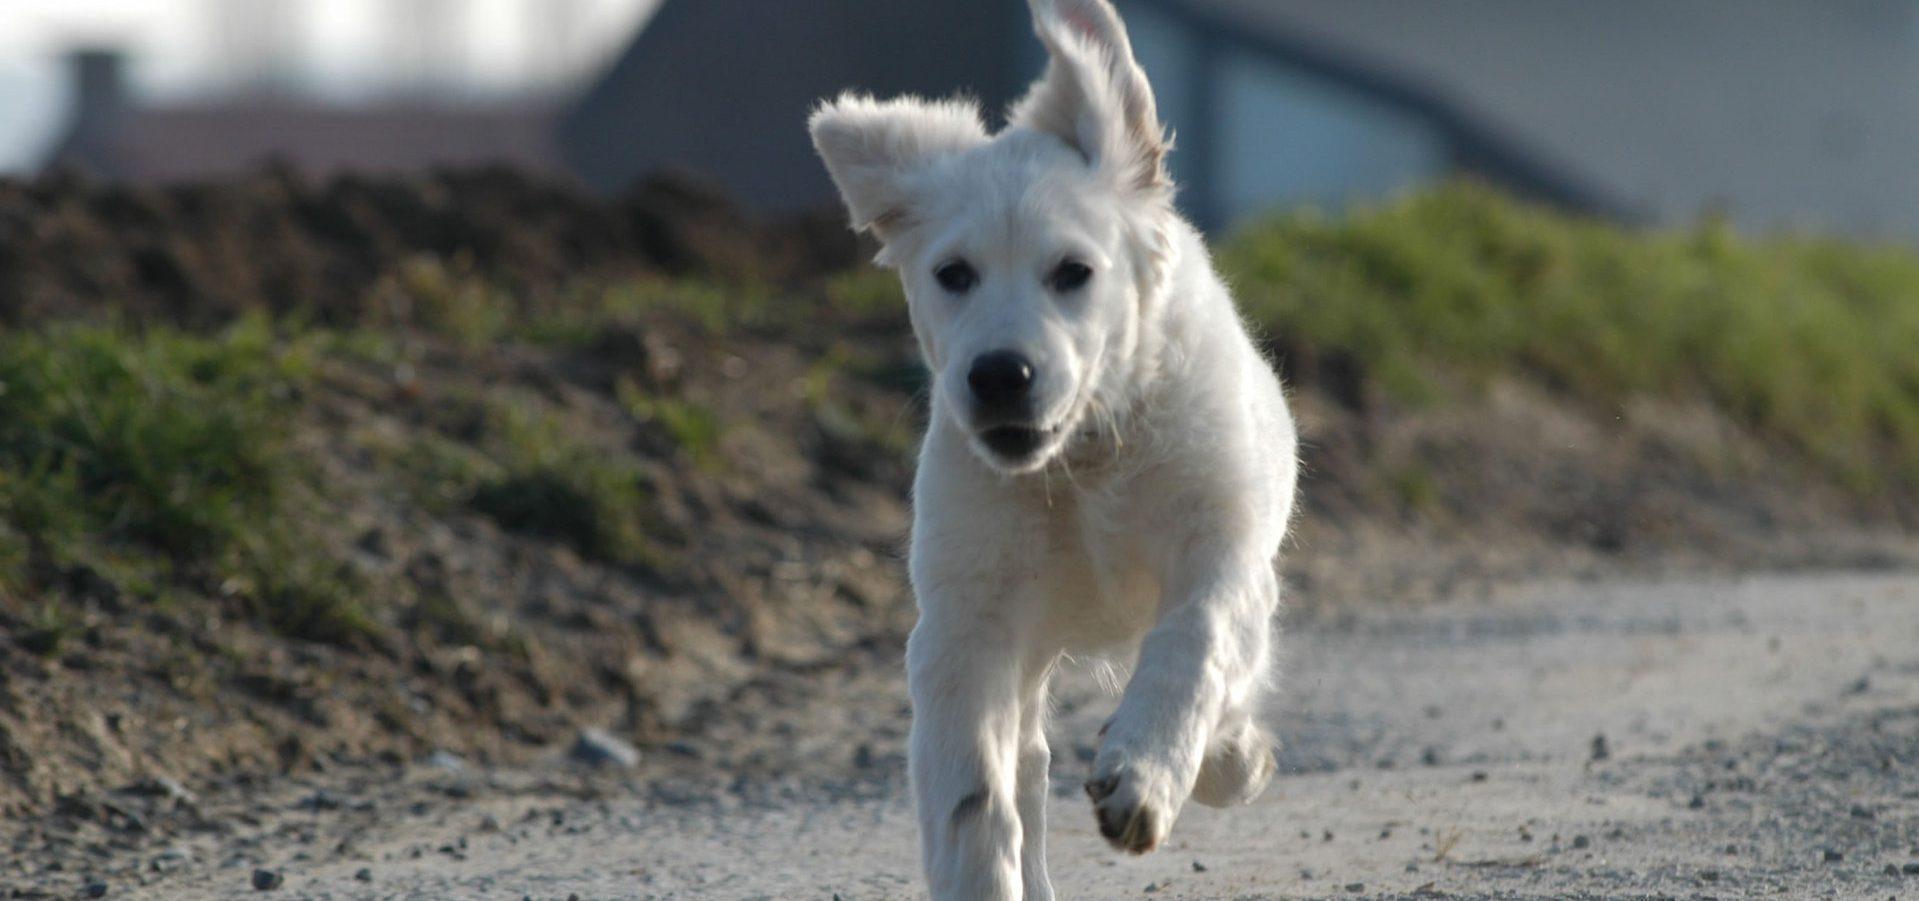 running-dog-1402704-1919x1275